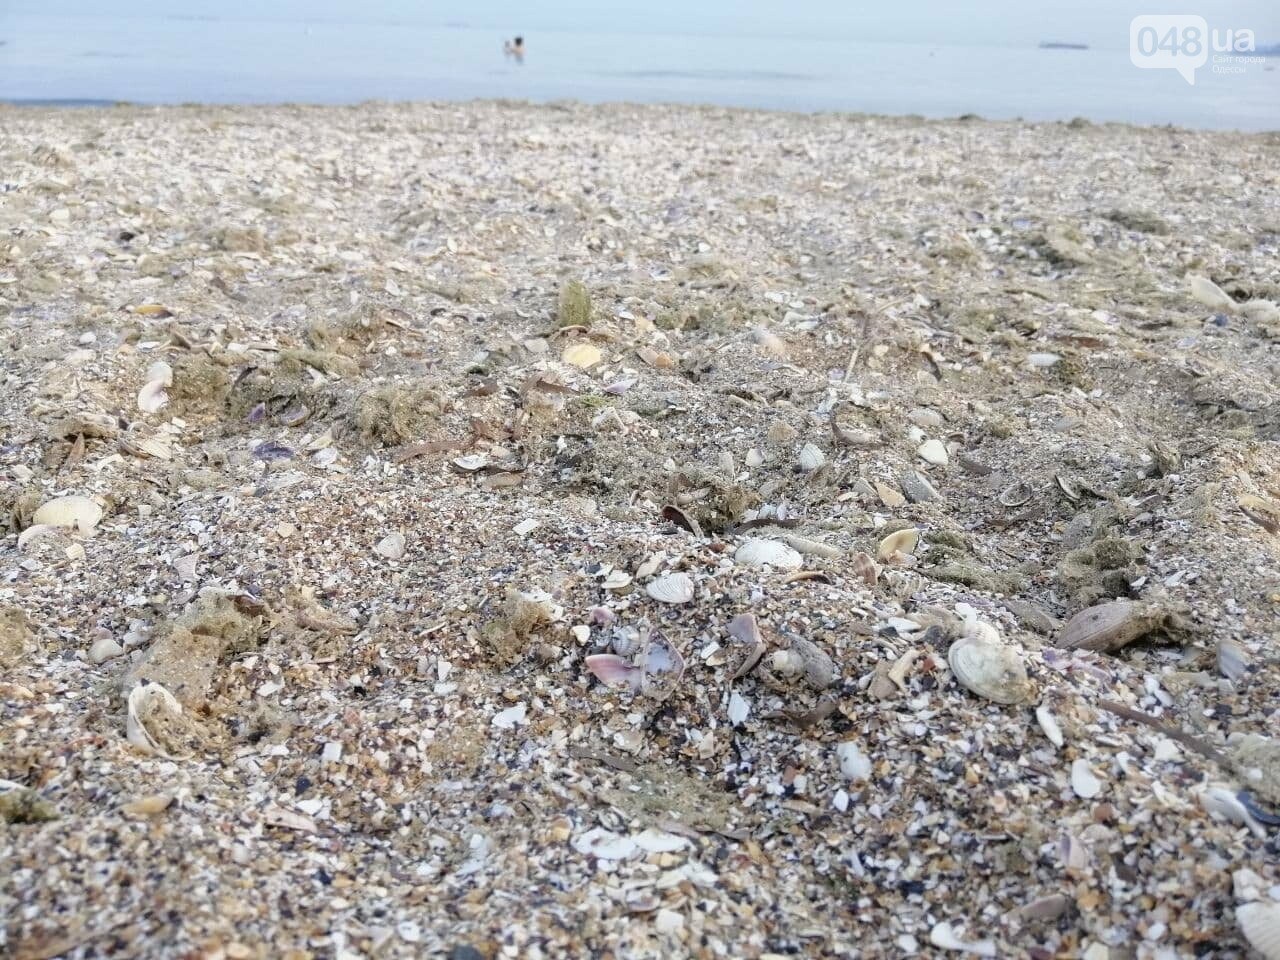 На пляжах Одессы начался бархатный сезон,- ФОТОРЕПОРТАЖ, фото-20